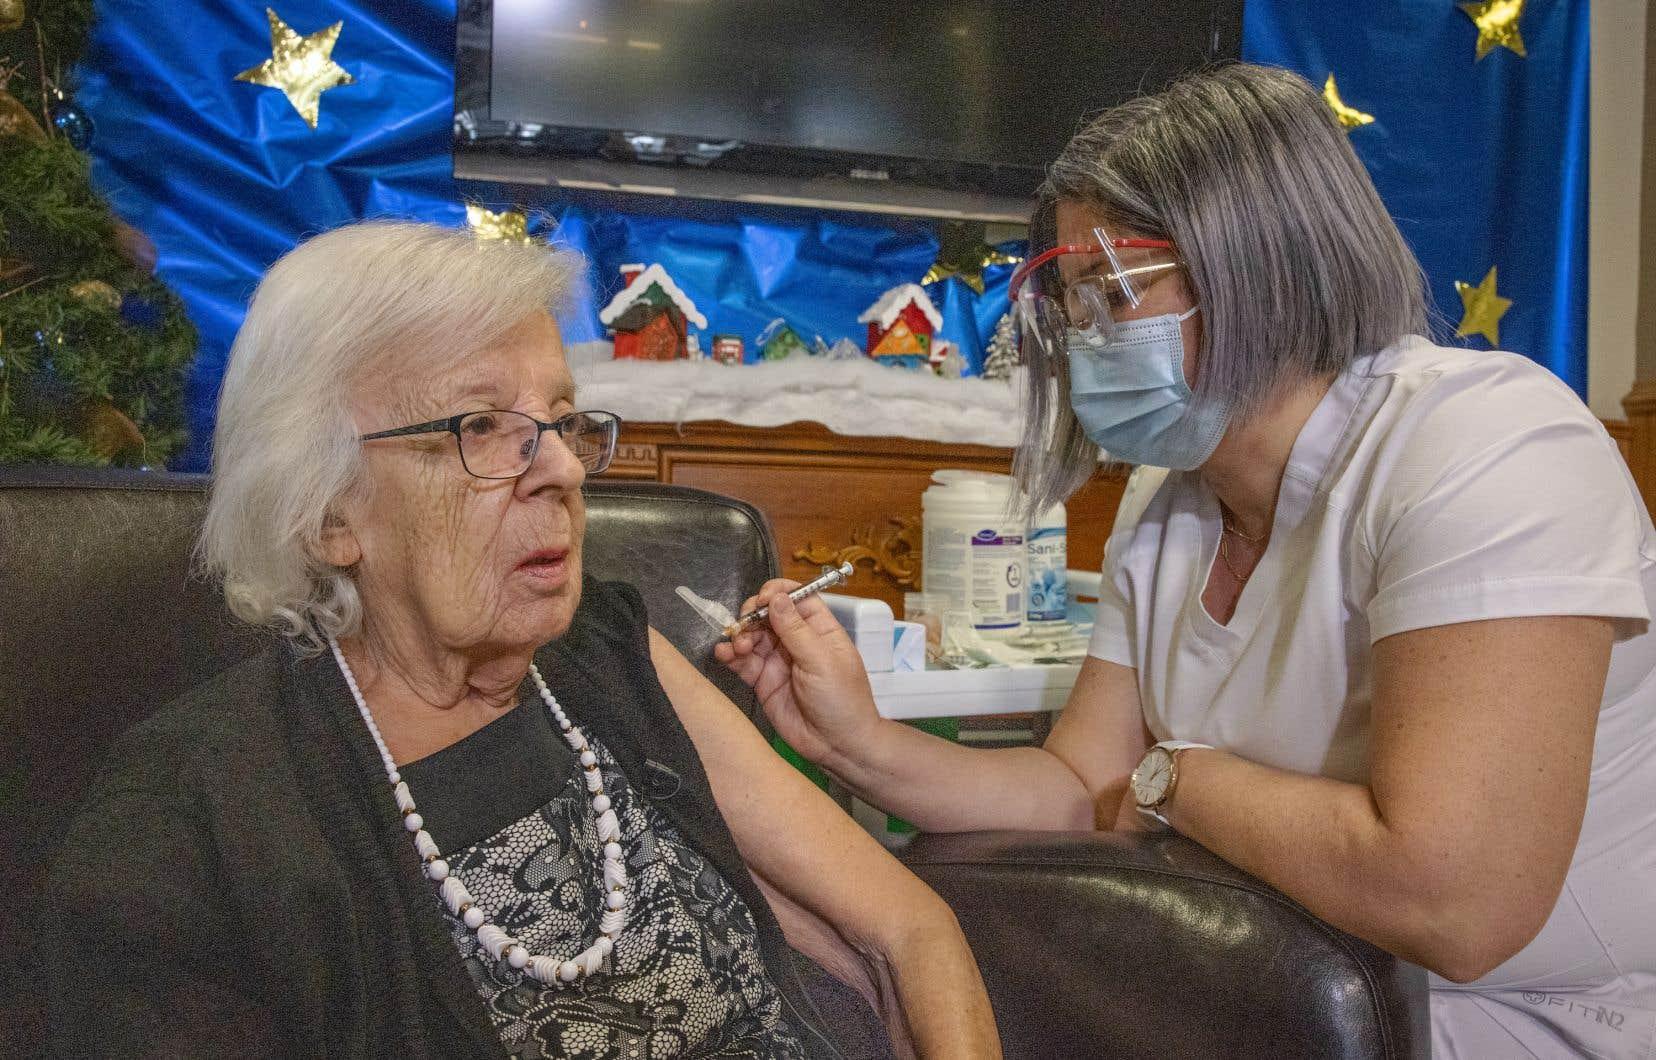 Les images de la première personne vaccinée ont été fournies par le gouvernement du Québec. Plusieurs médias ont demandé à avoir accès à cet évènement, mais la Santé publique a refusé cette demande en évoquant que les établissements en question étaient des foyers d'éclosion.